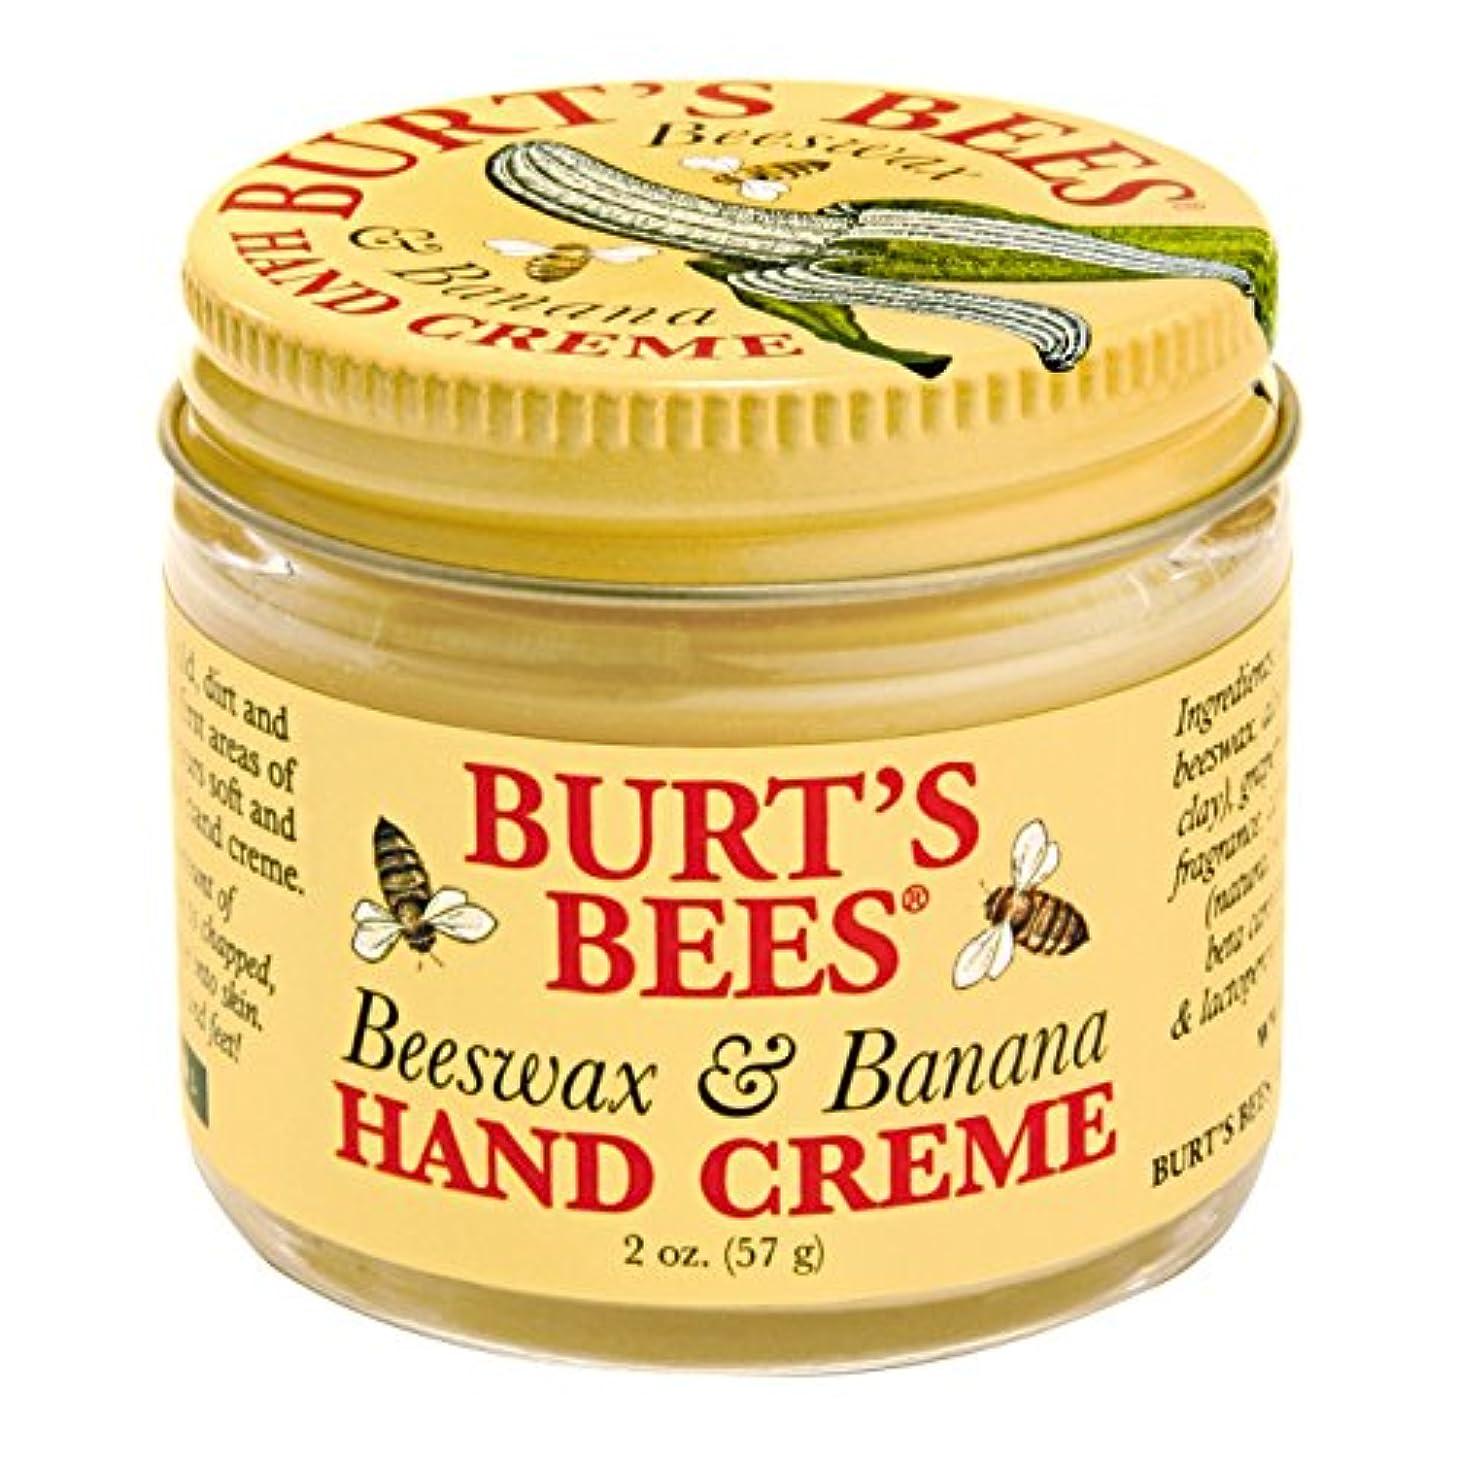 夜直感心理的にバーツビーの蜜蝋&バナナハンドクリーム57グラム (Burt's Bees) - Burt's Bees Beeswax & Banana Hand Creme 57g [並行輸入品]